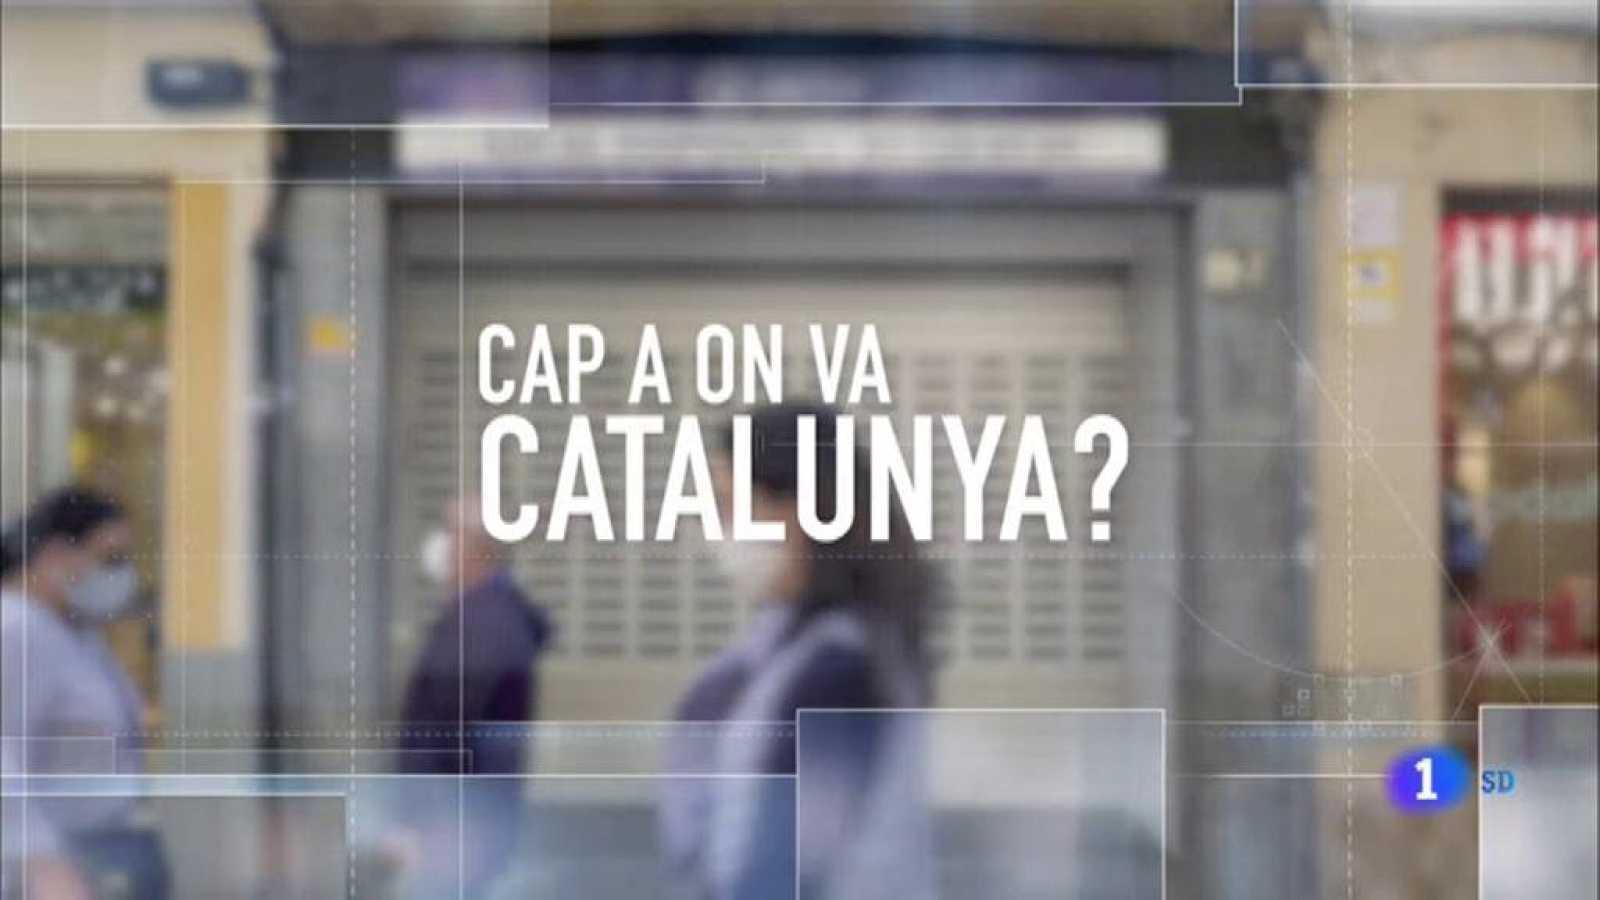 Obrim Fil | Enquesta de l'Ana Boadas al carrer sobre cap a on va Catalunya